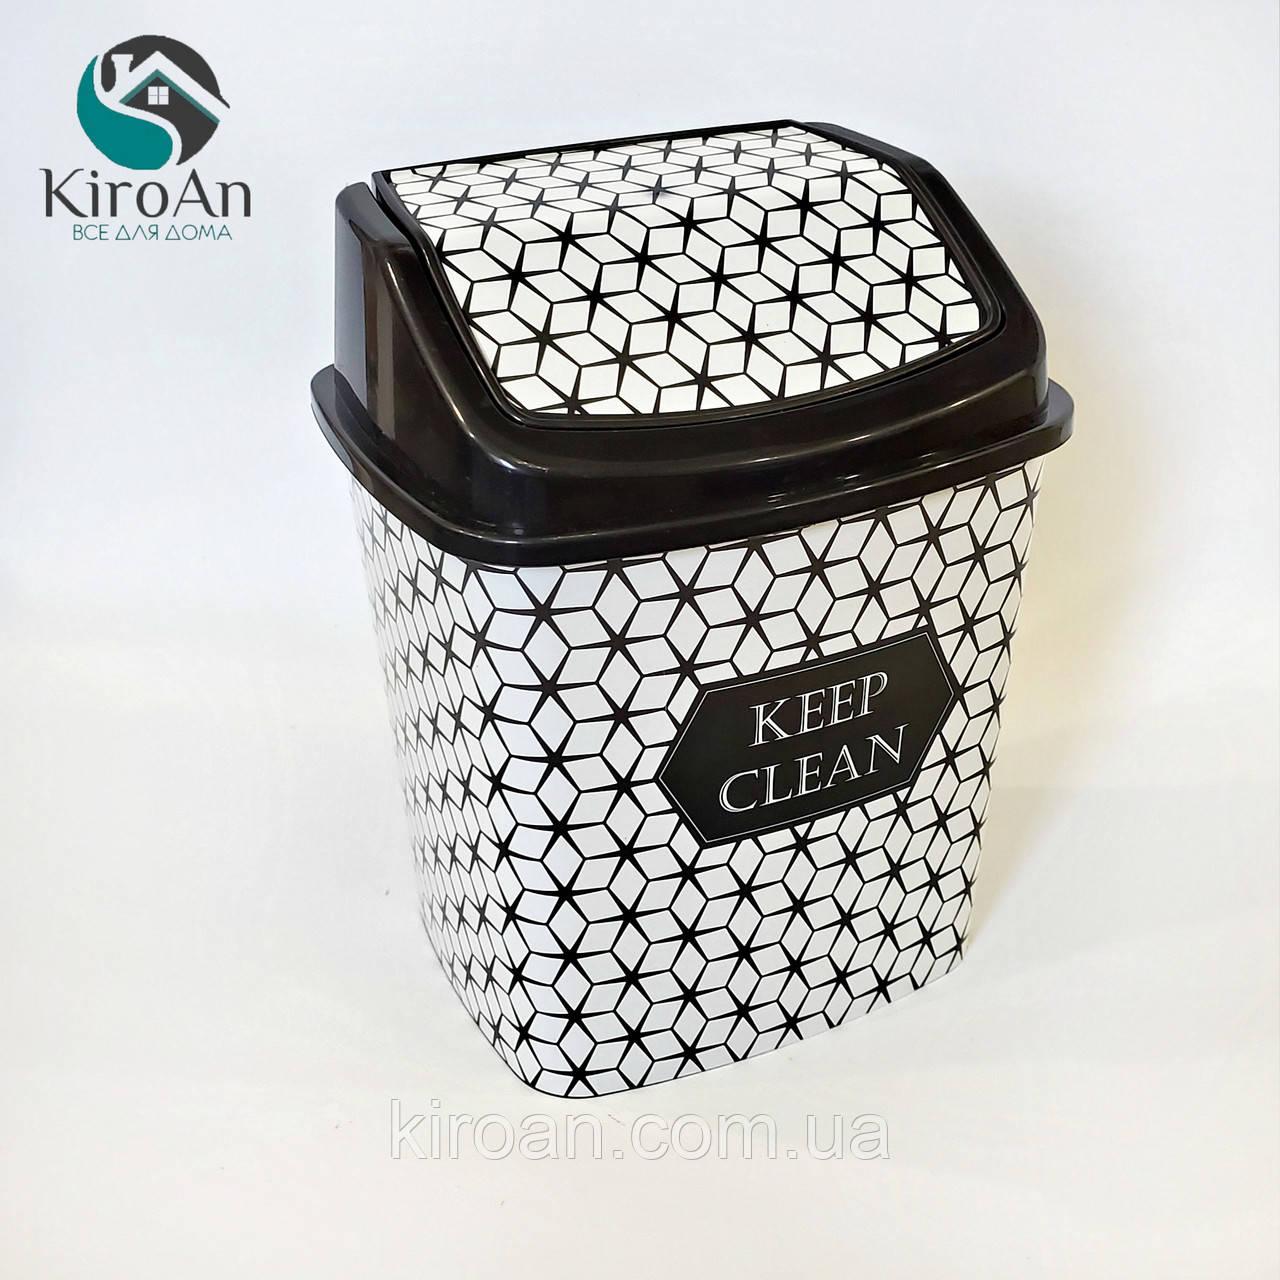 Відро для сміття з кришкою Elif Plastik 5,5 л (колір чорно-білий)